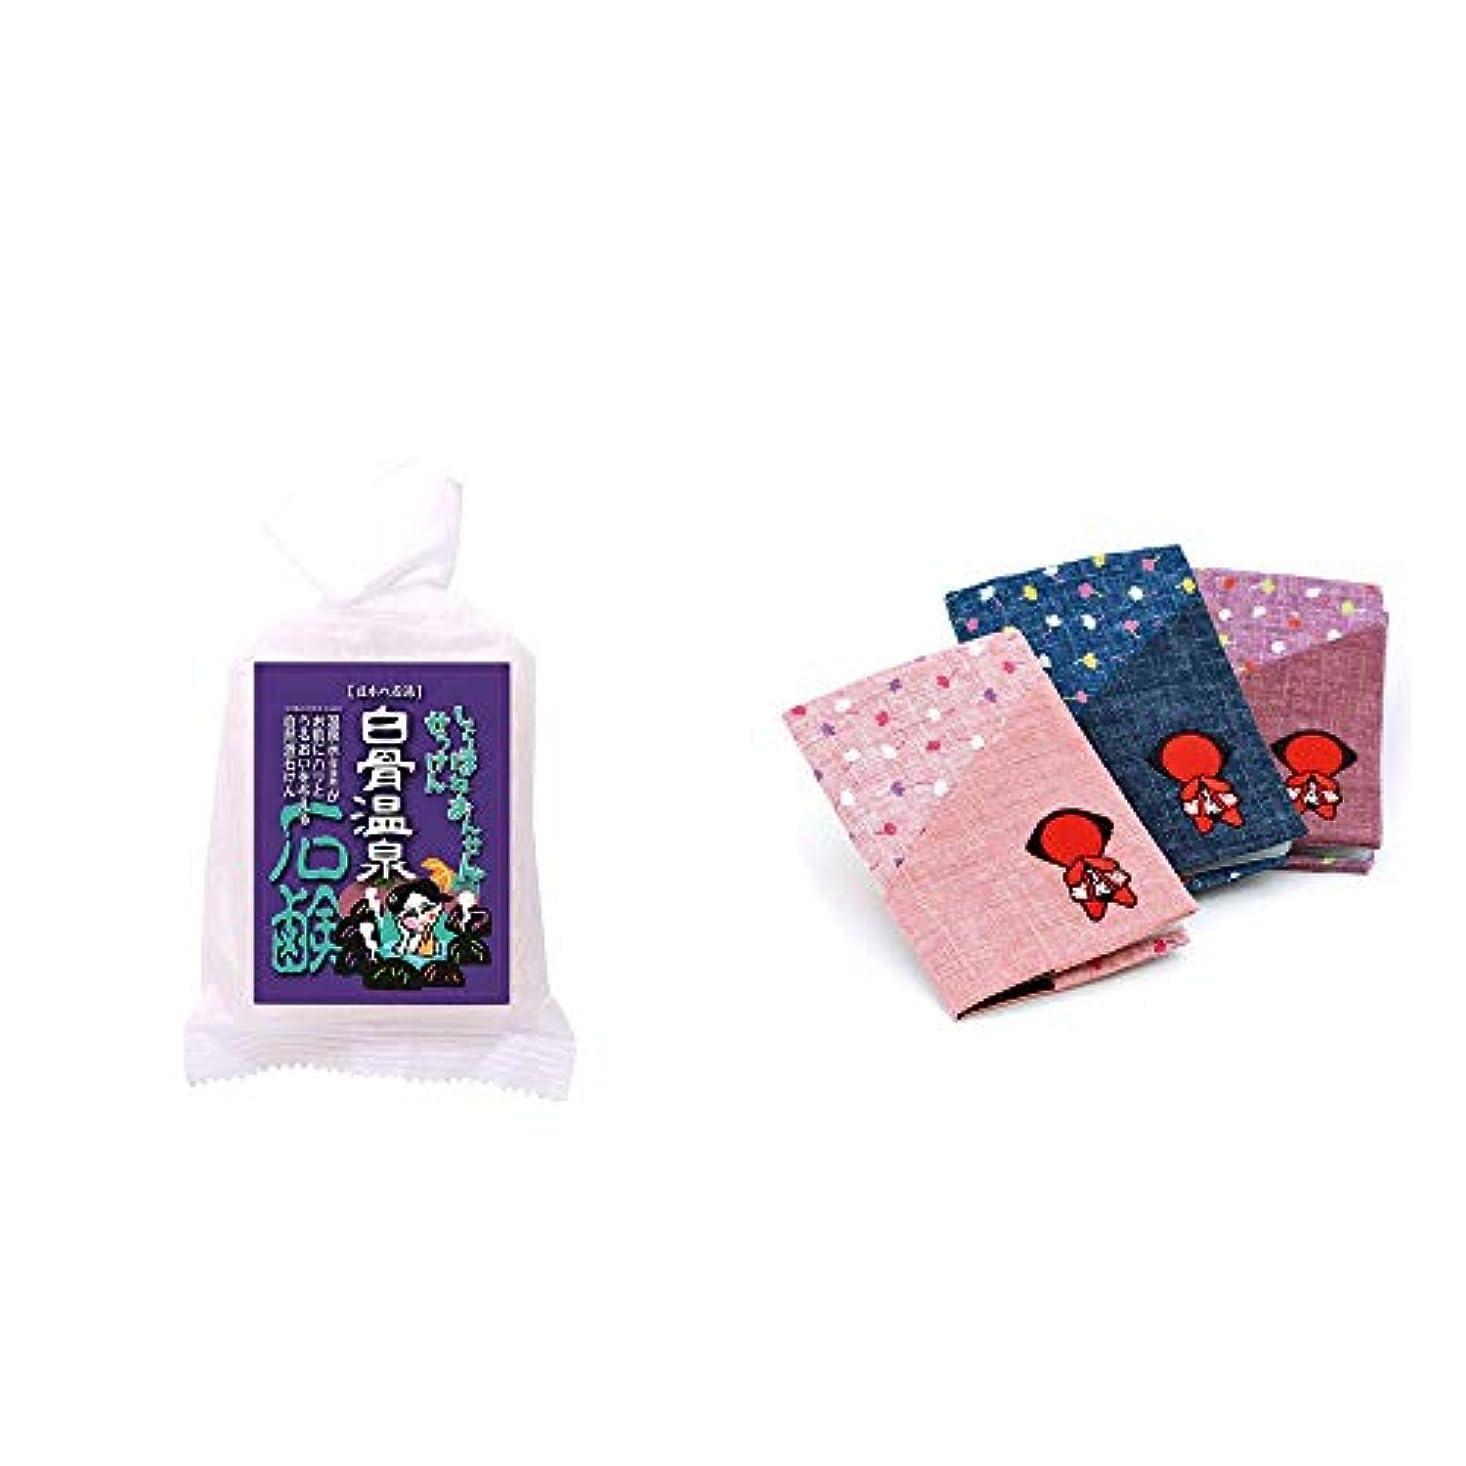 消す連想バンジージャンプ[2点セット] 信州 白骨温泉石鹸(80g)?おねがいさるぼぼ カードケース【ピンク】